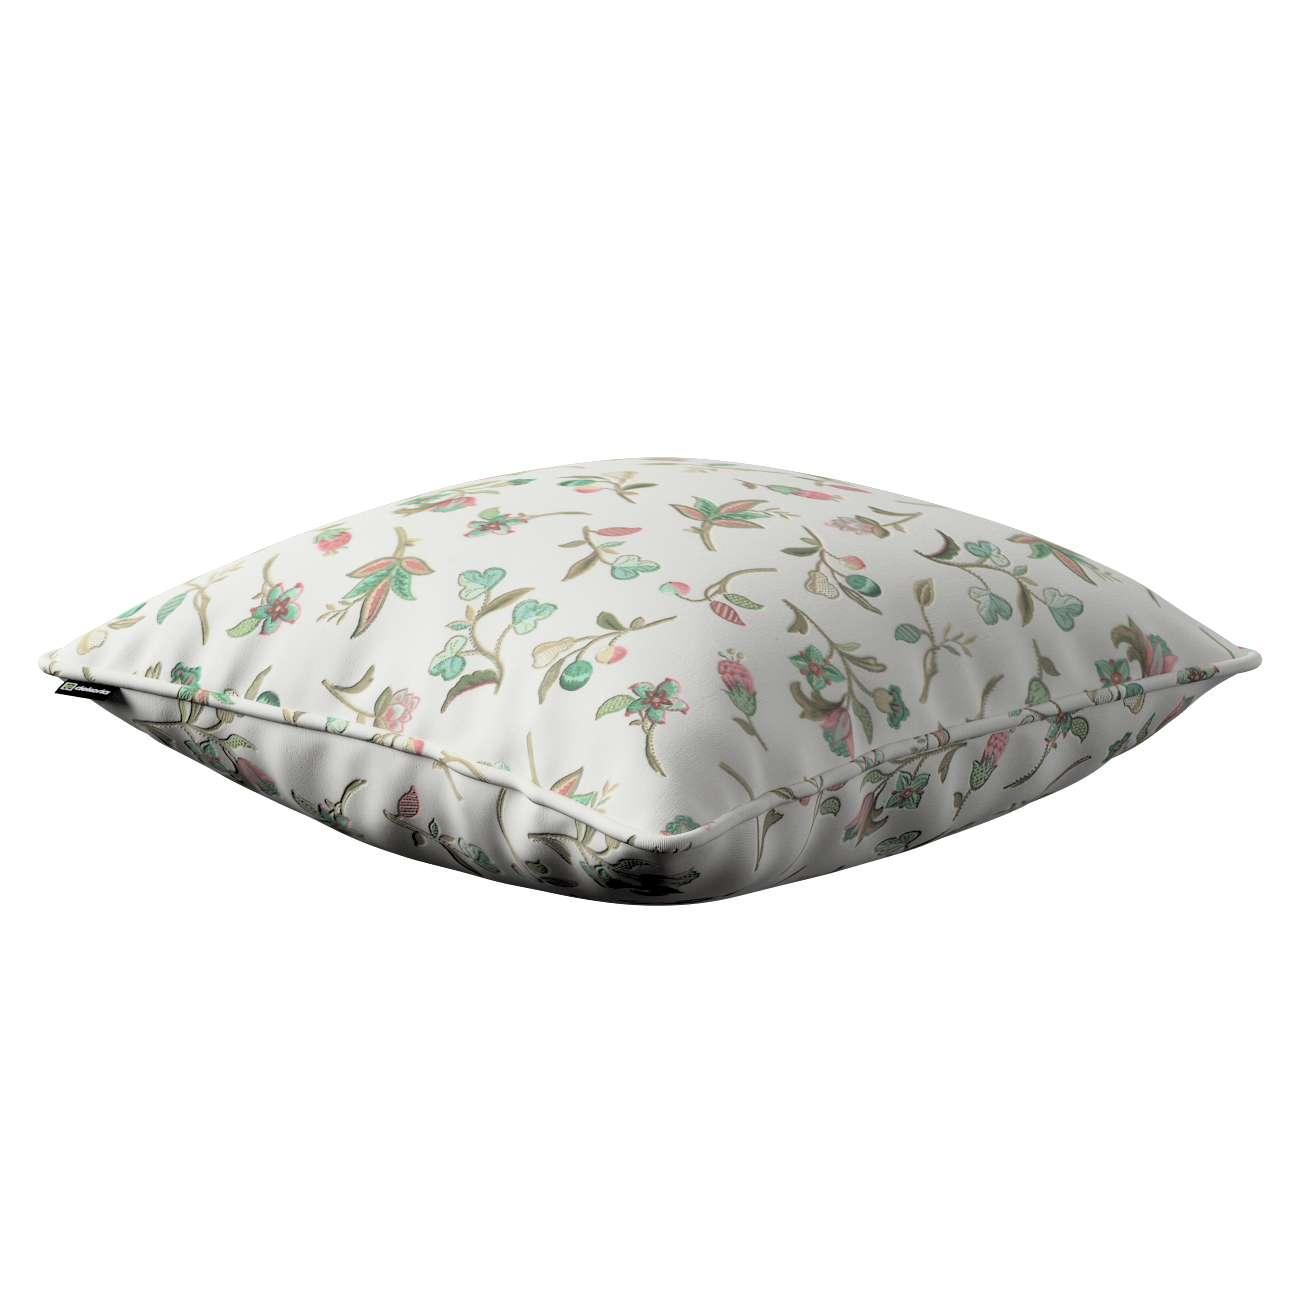 Poszewka Gabi na poduszkę 45 x 45 cm w kolekcji Londres, tkanina: 122-02